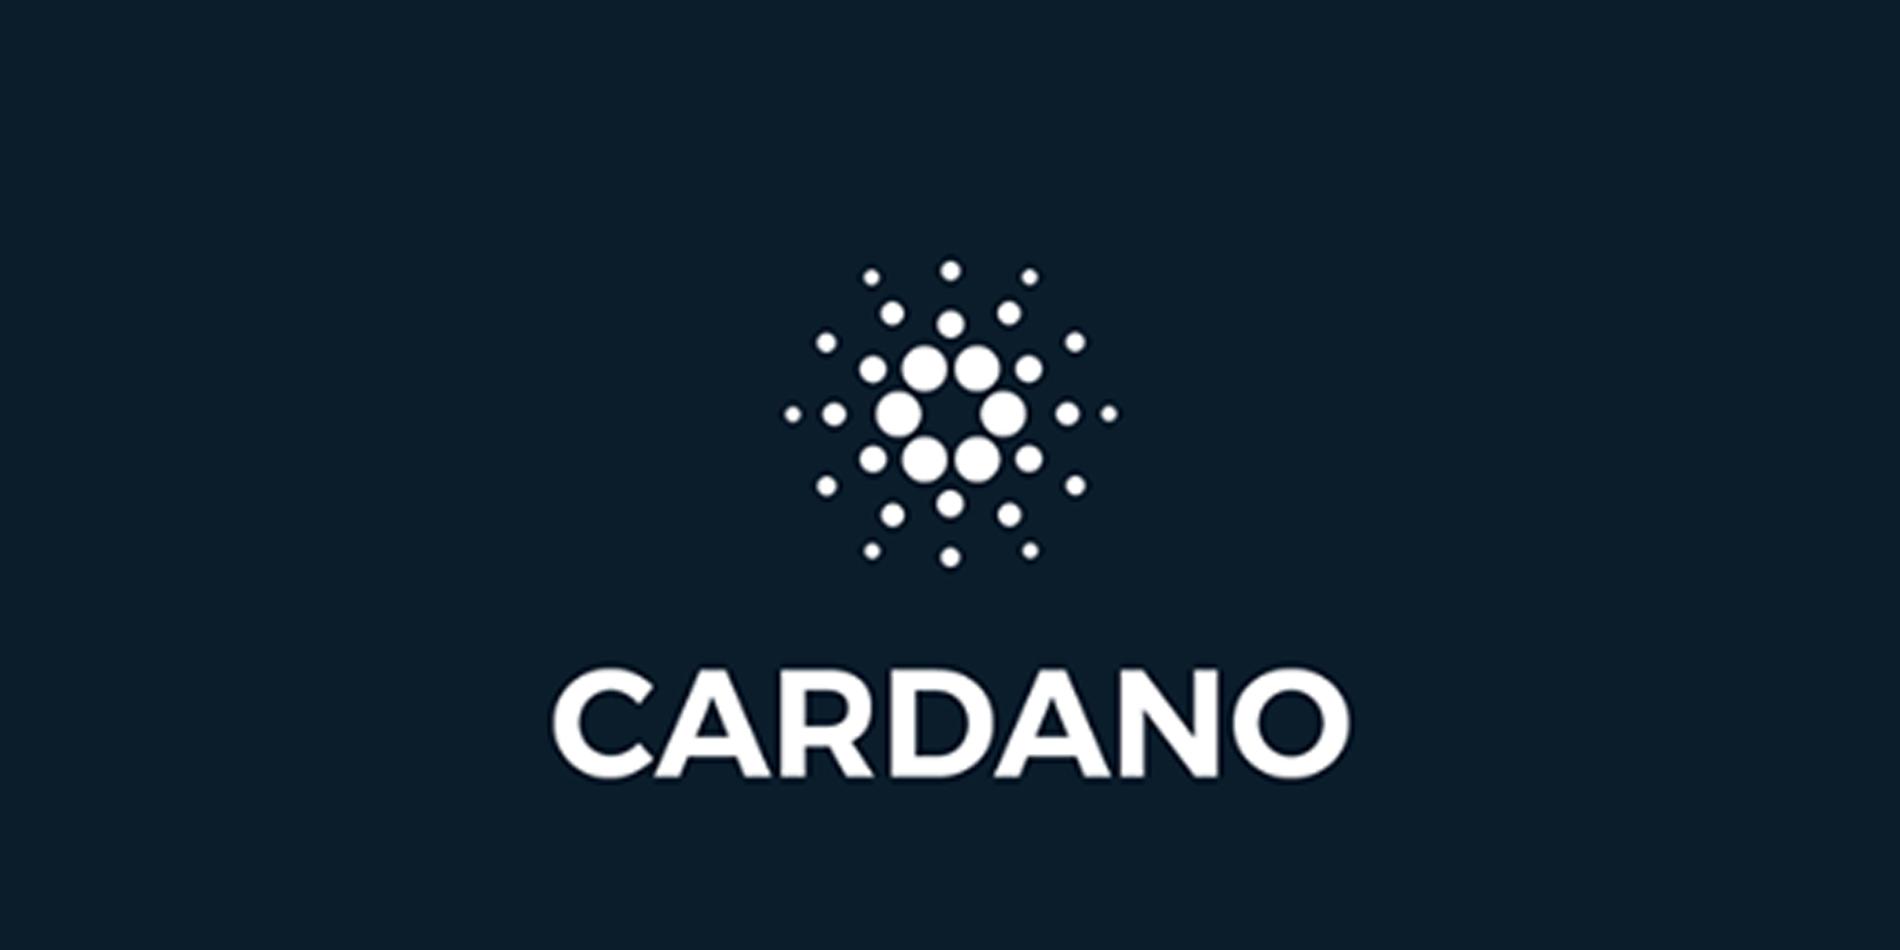 ¿Qué es Cardano? ¿En qué sentido busca ser una Internet de Blockchains…?